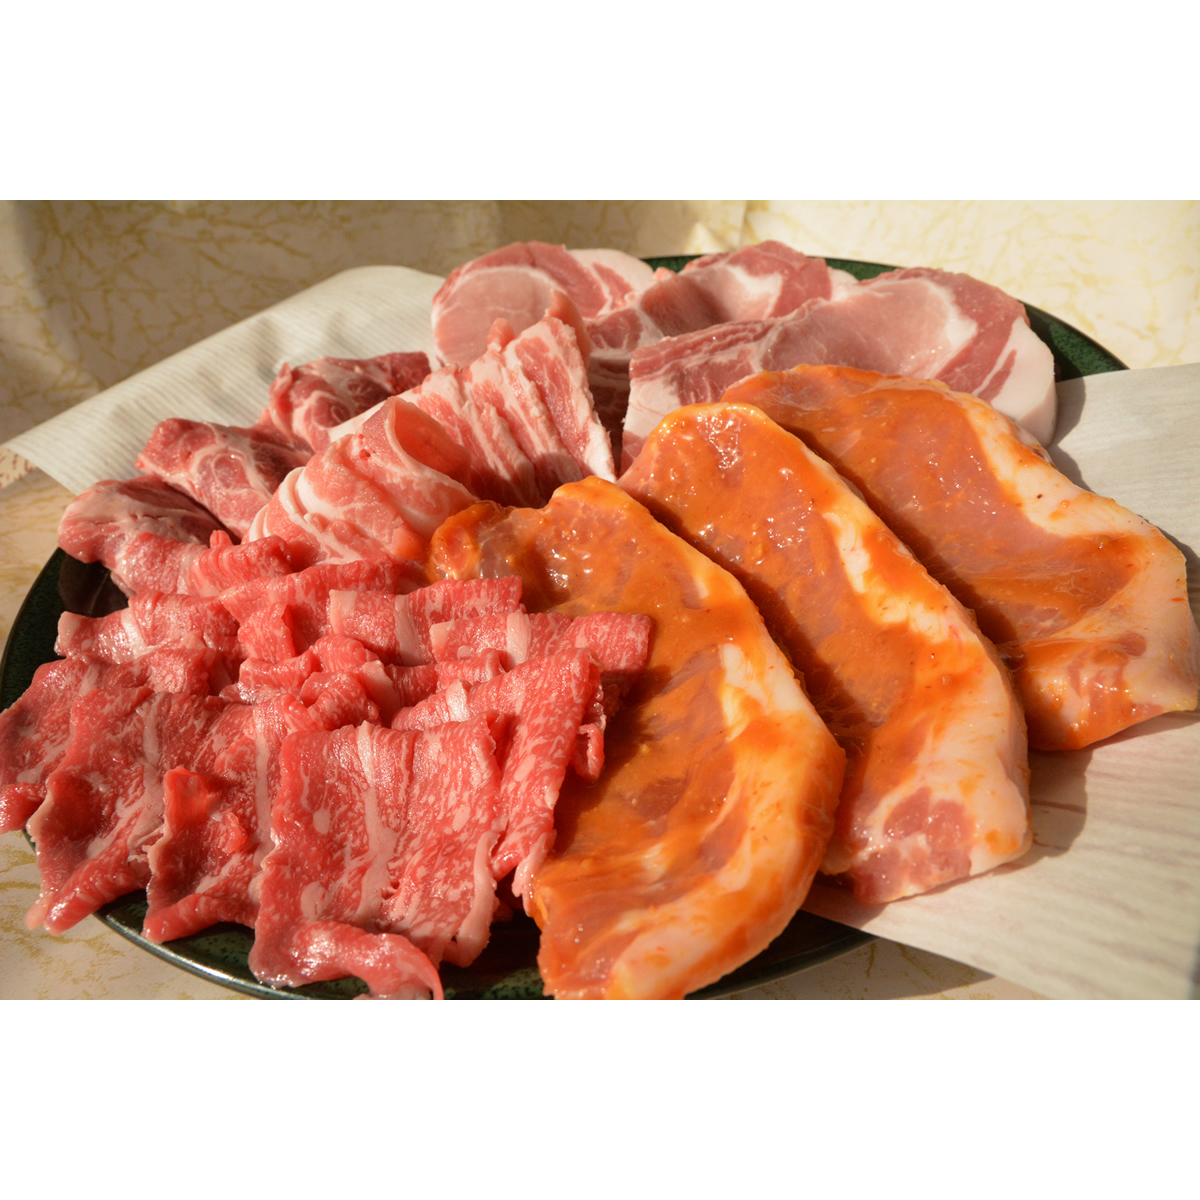 【ふるさと納税】AD04_ローズポーク&常陸牛!よくばり焼肉セット2.6kg 和牛/肉/BBQ/セット商品/ロース/ヒレ/ギフト/豚肉/食べ比べ